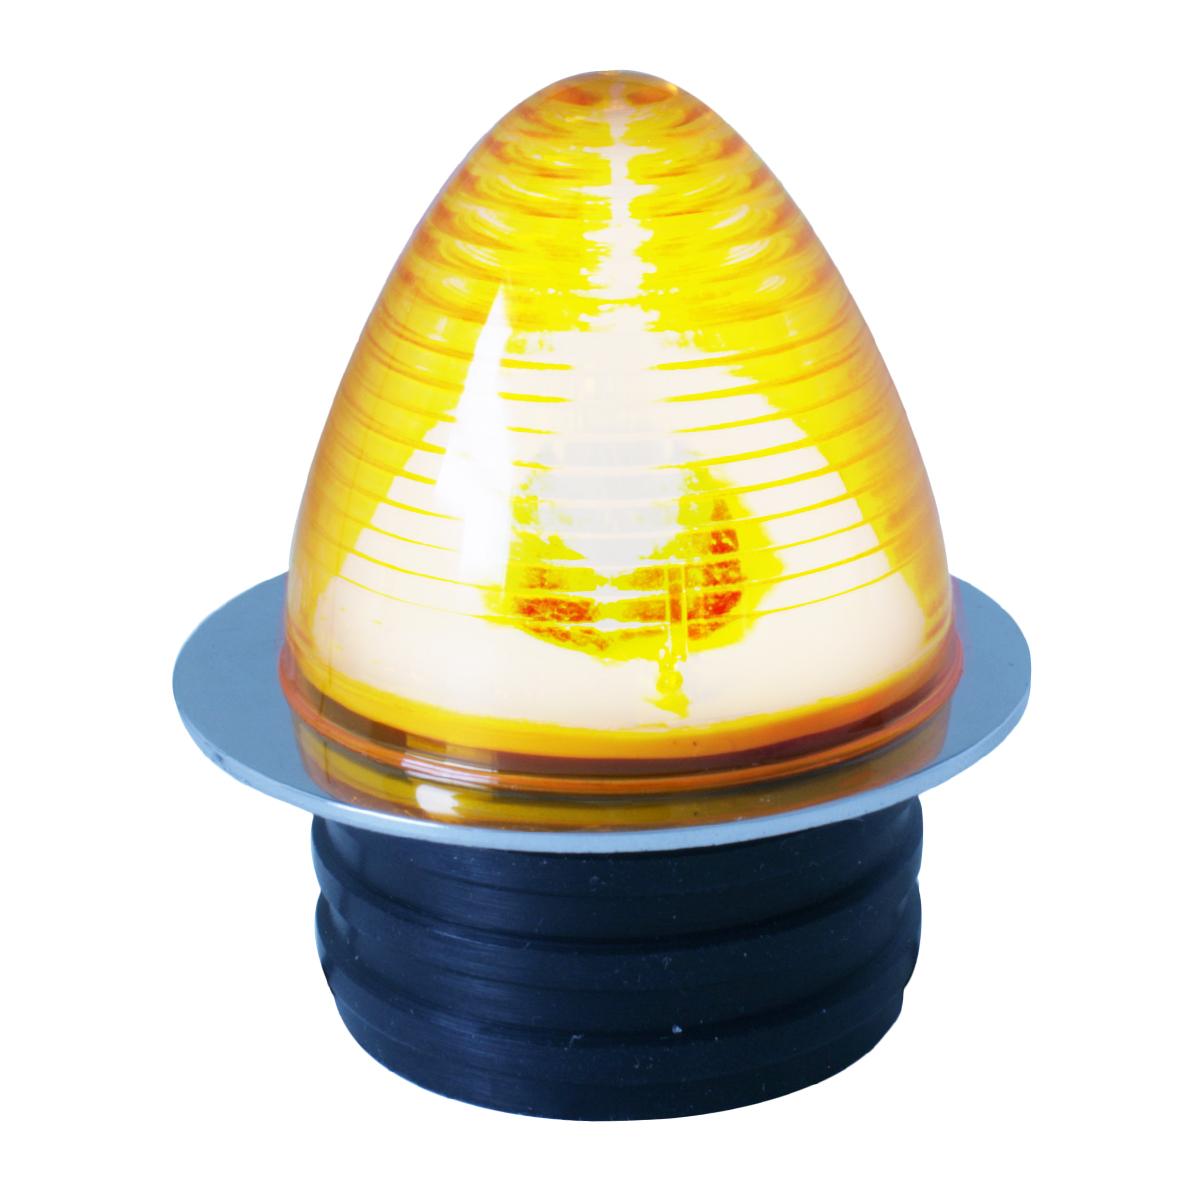 84220 Flap Holder Light Kit with Chrome Steel Base for FL